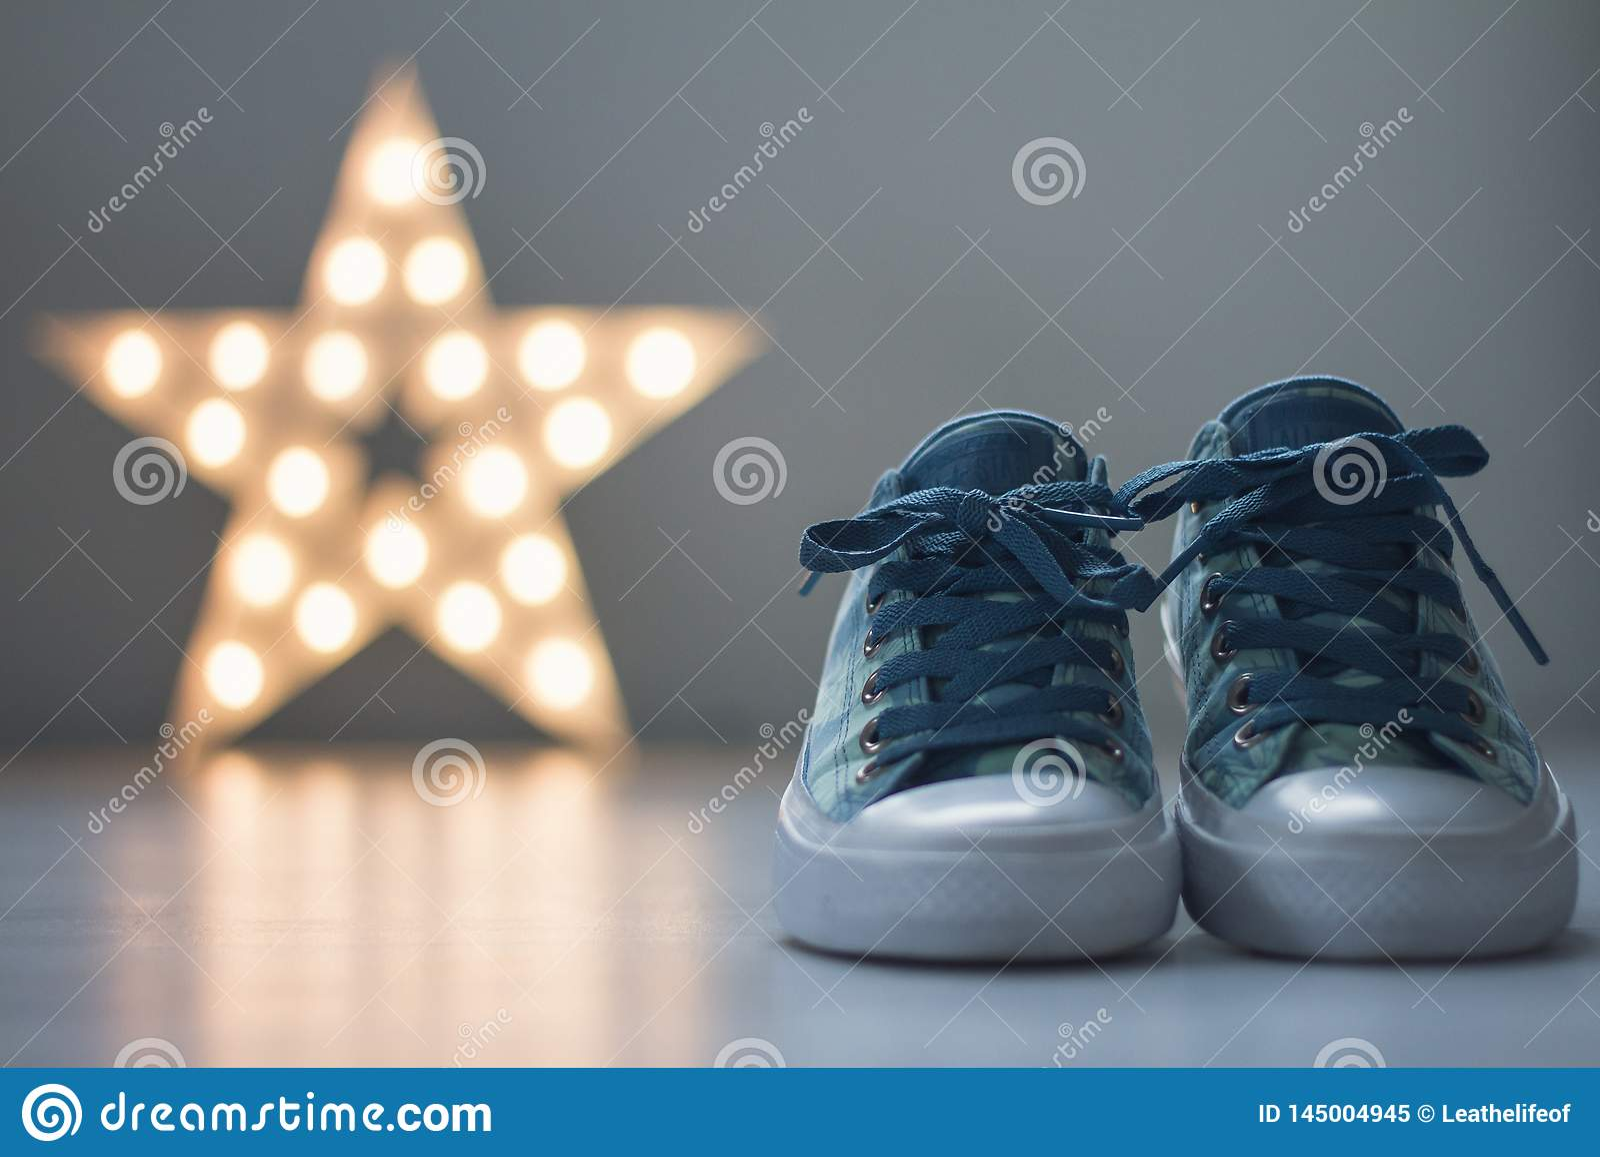 Zapatos para andar con la estrella en fondo